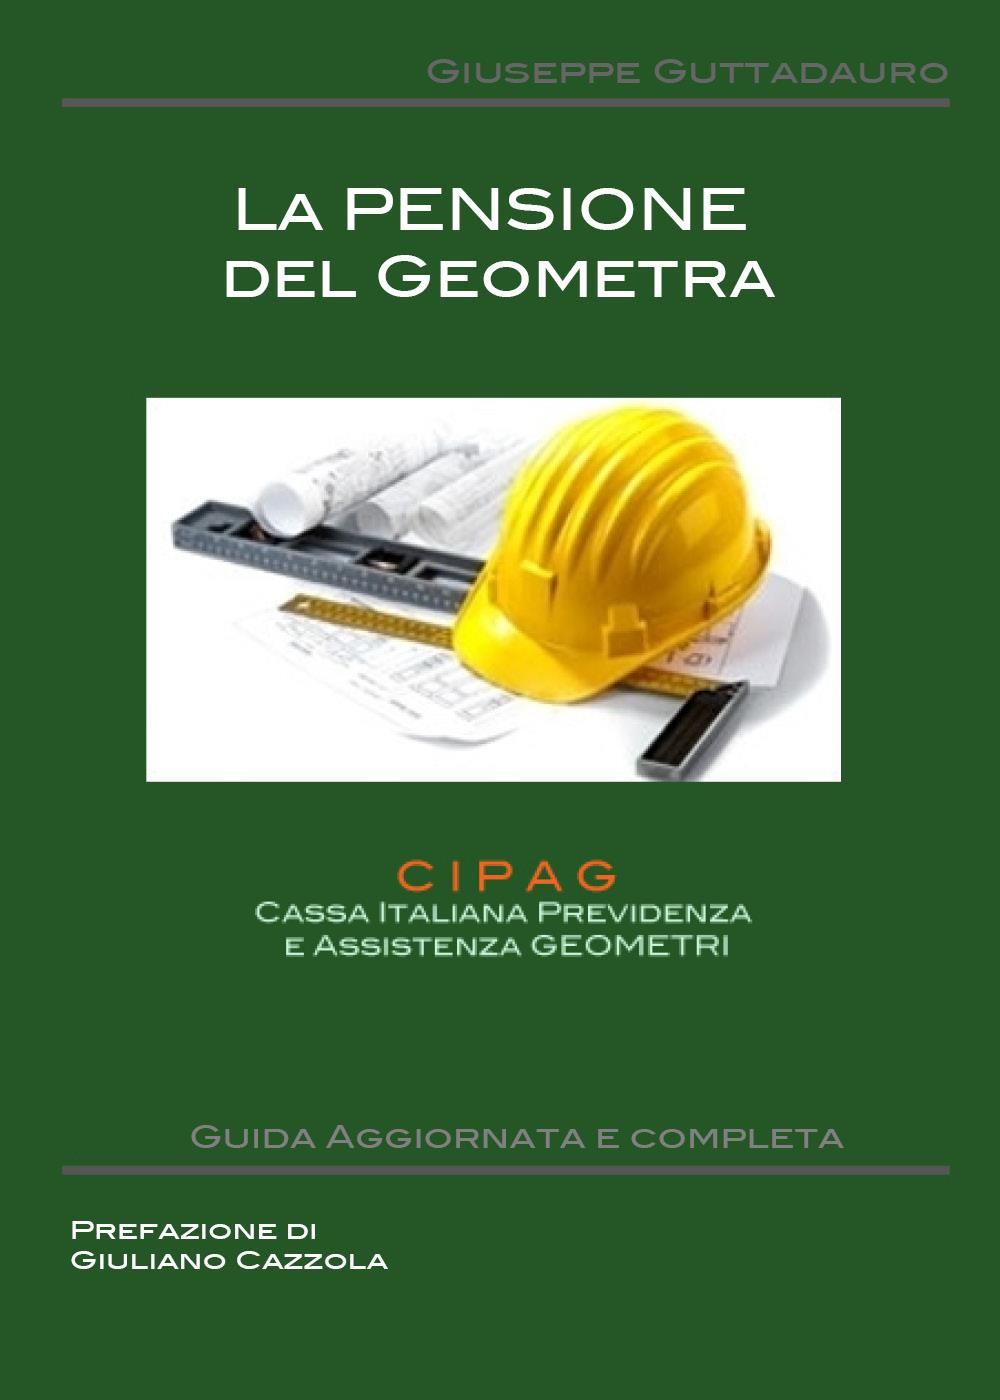 La pensione del Geometra